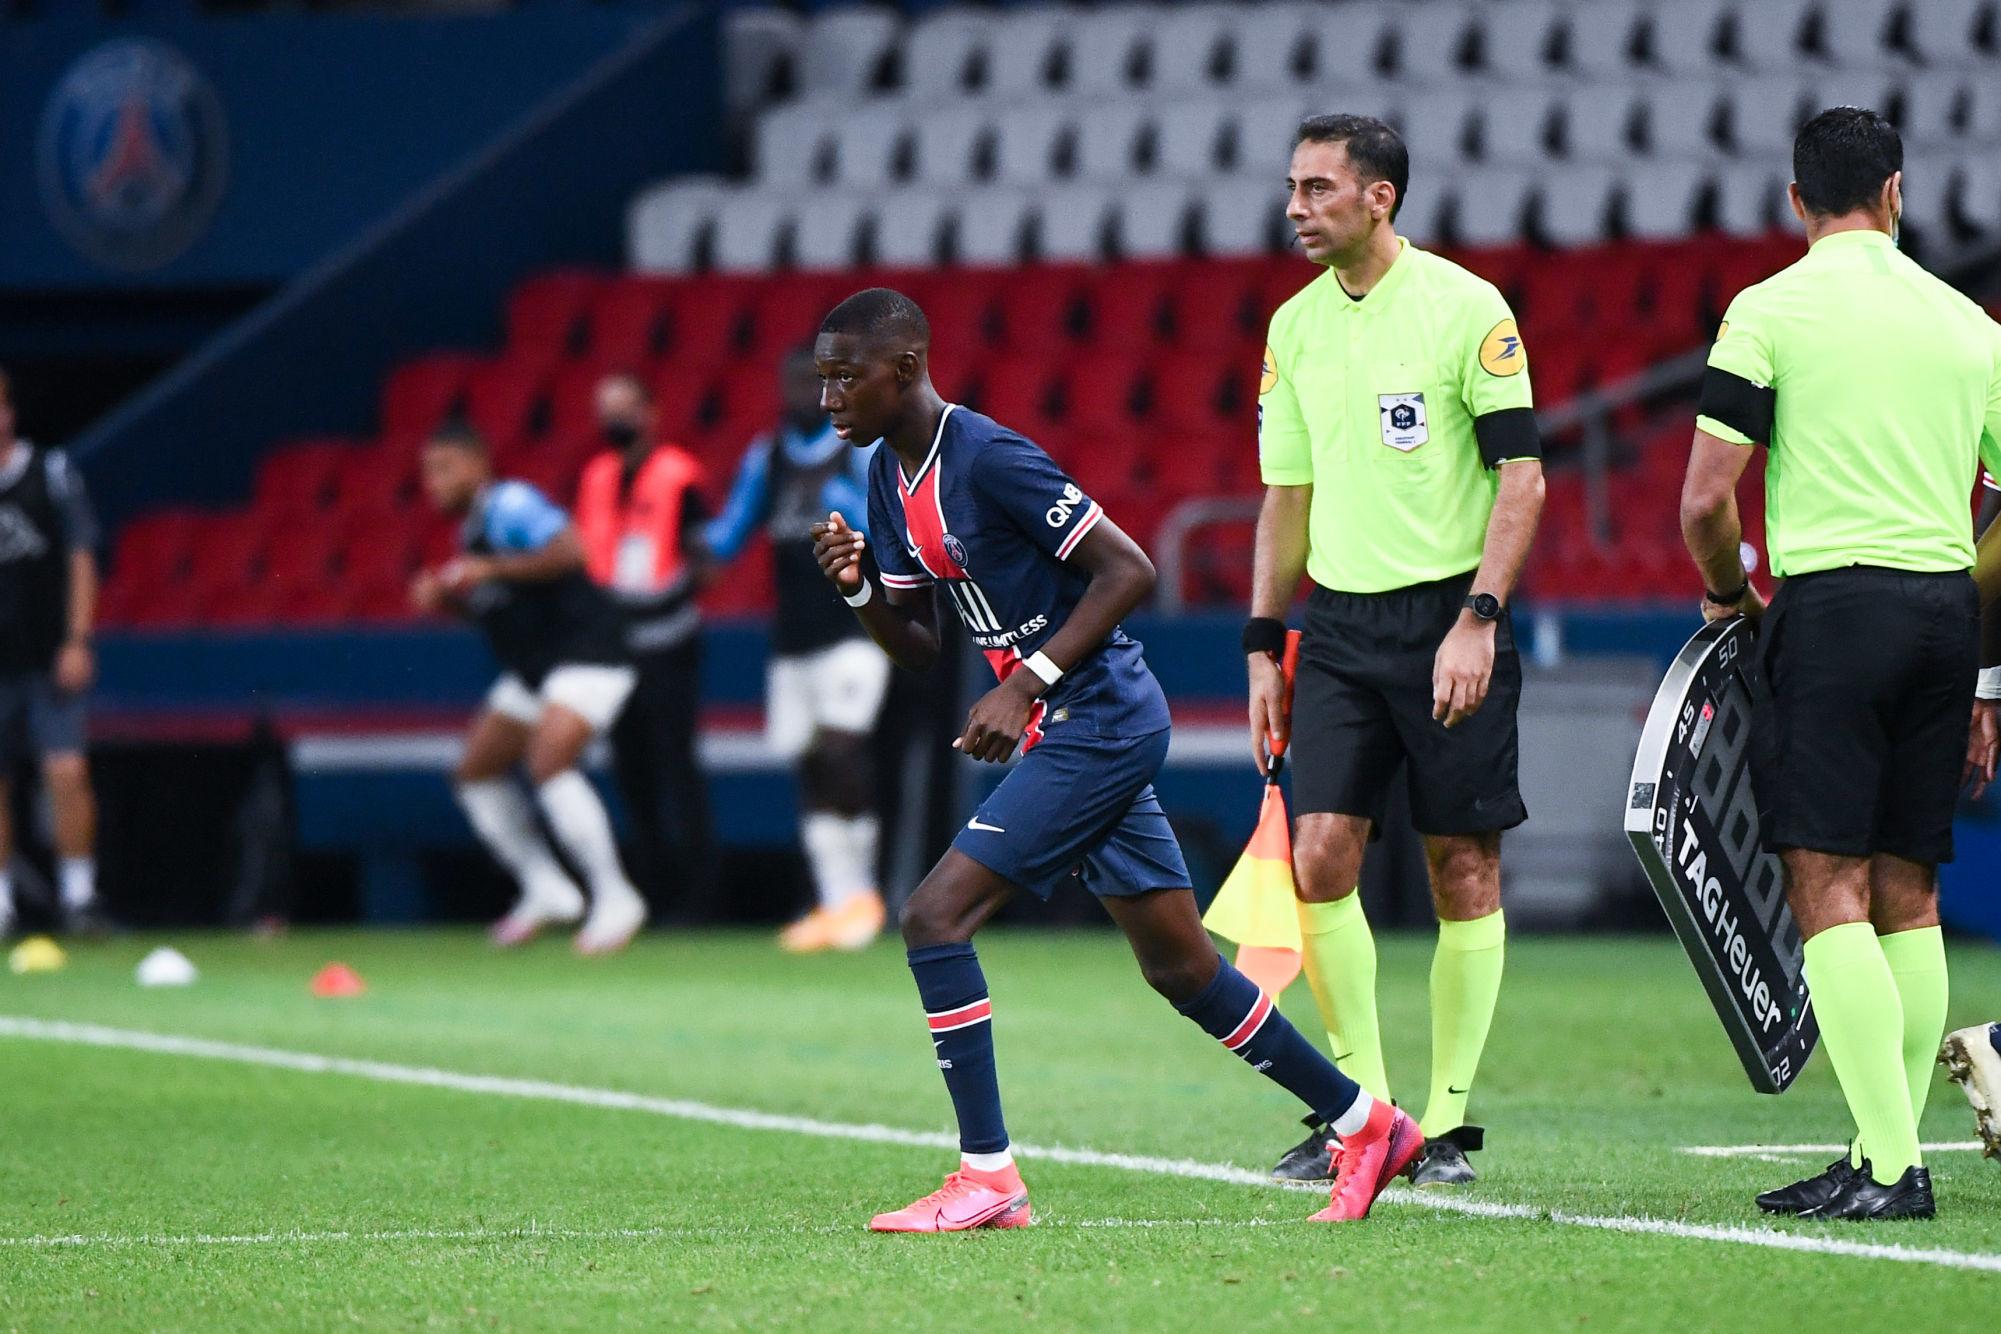 Fadiga explique son choix de rejoindre Brest, qu'il juge «idéal» pour grandir